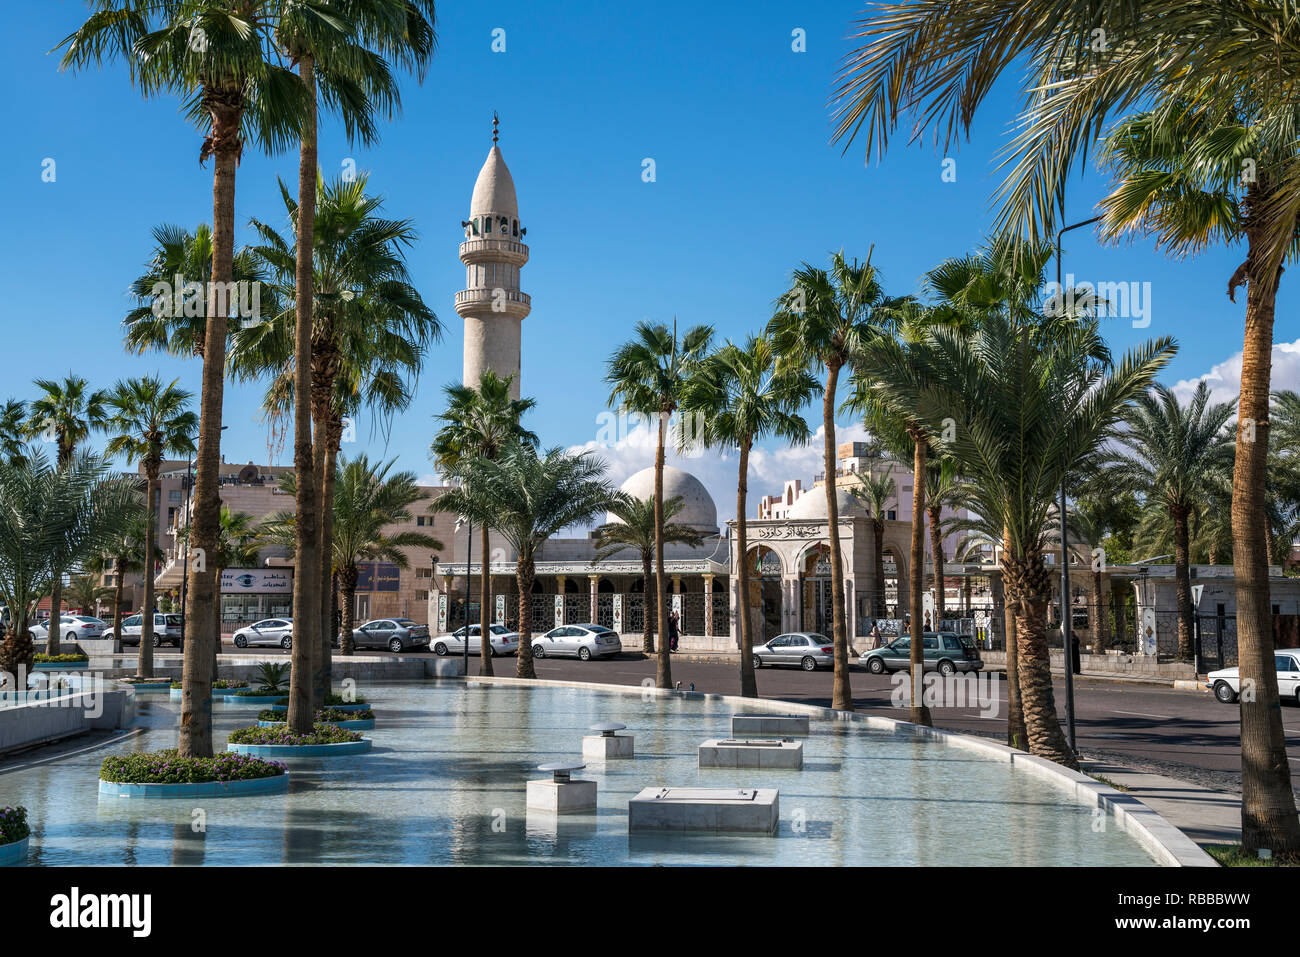 La principessa Haya Kreisverkehr mit Brunnen und die Abu Dawood Moschee in Akaba, Jordanien, Asien   Princess Haya cerchio fontana e Abu Dawood moschea Immagini Stock